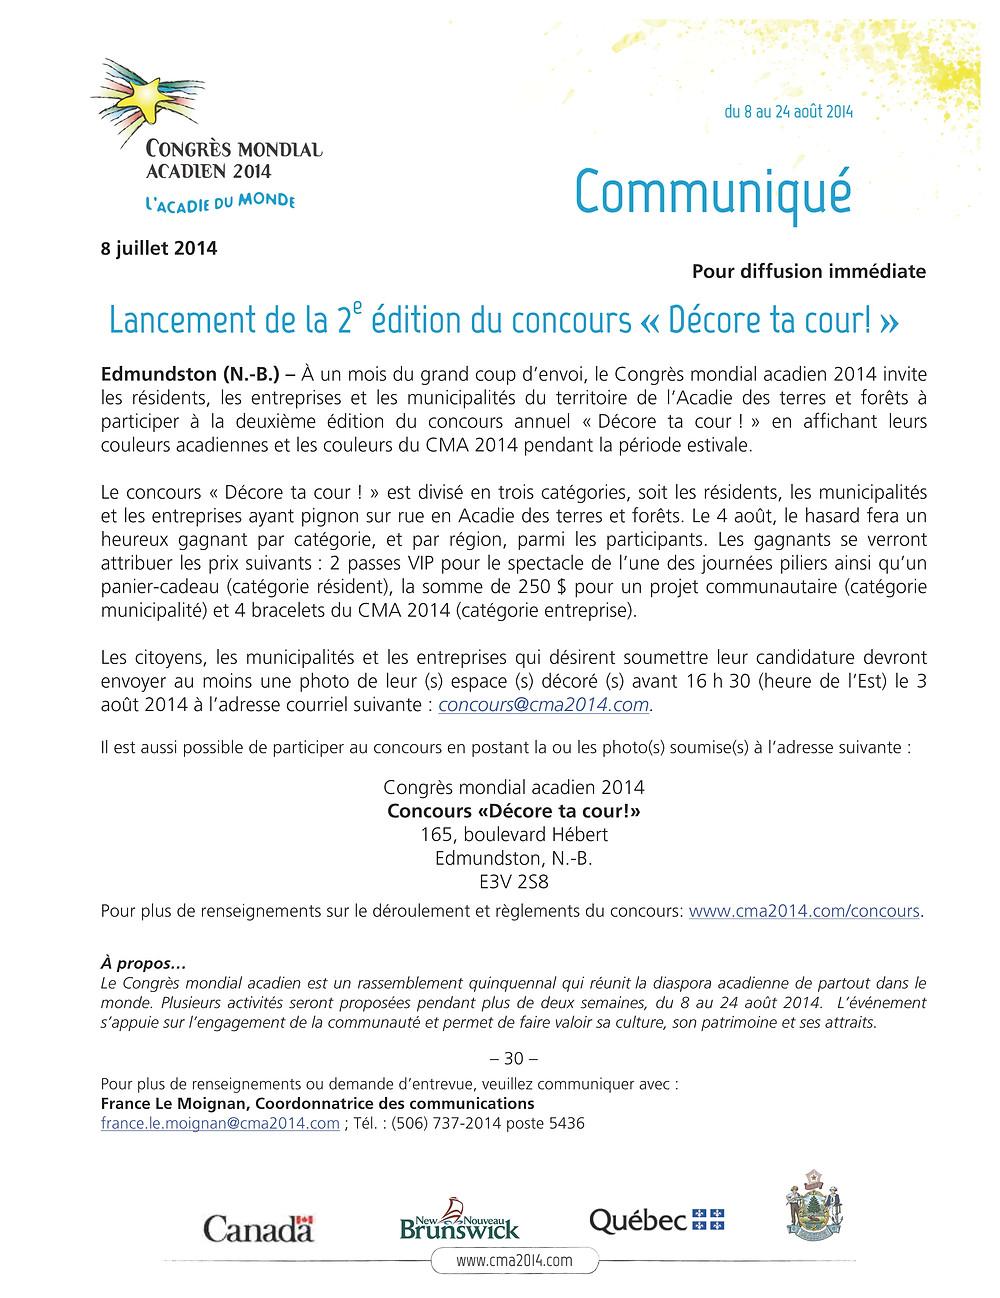 2014-07-08 - Decore ta cour_FR.jpg